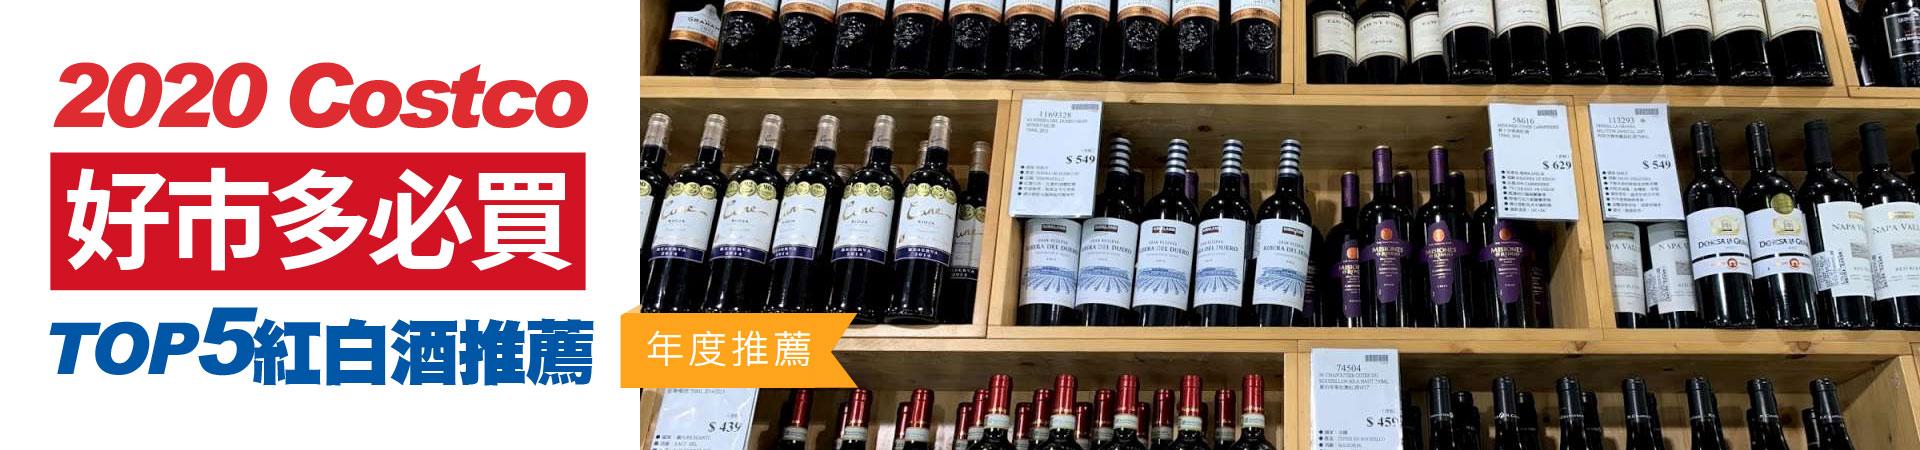 2020好市多紅酒/白酒/推薦